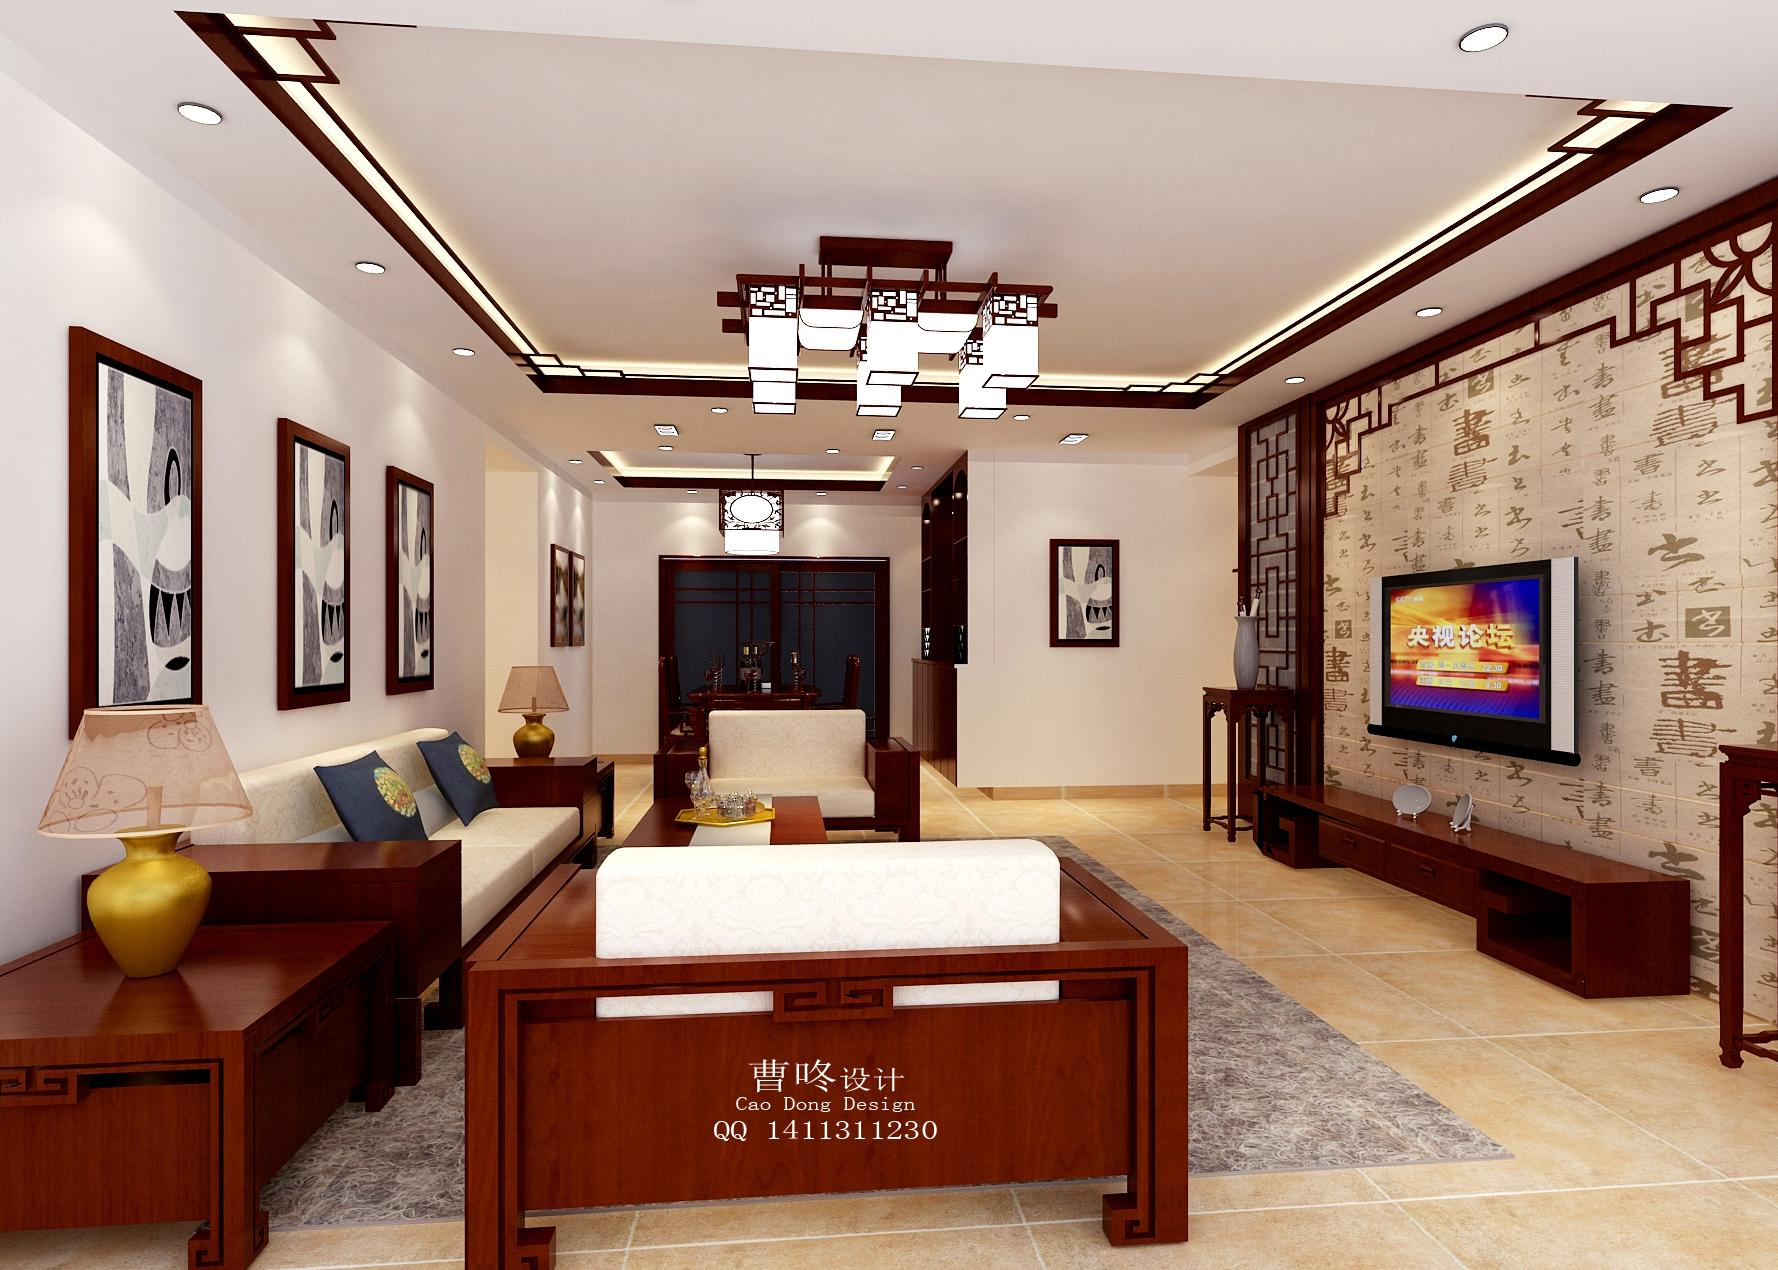 中国风 韵味 客厅图片来自曹咚在《中国风》曹咚的分享